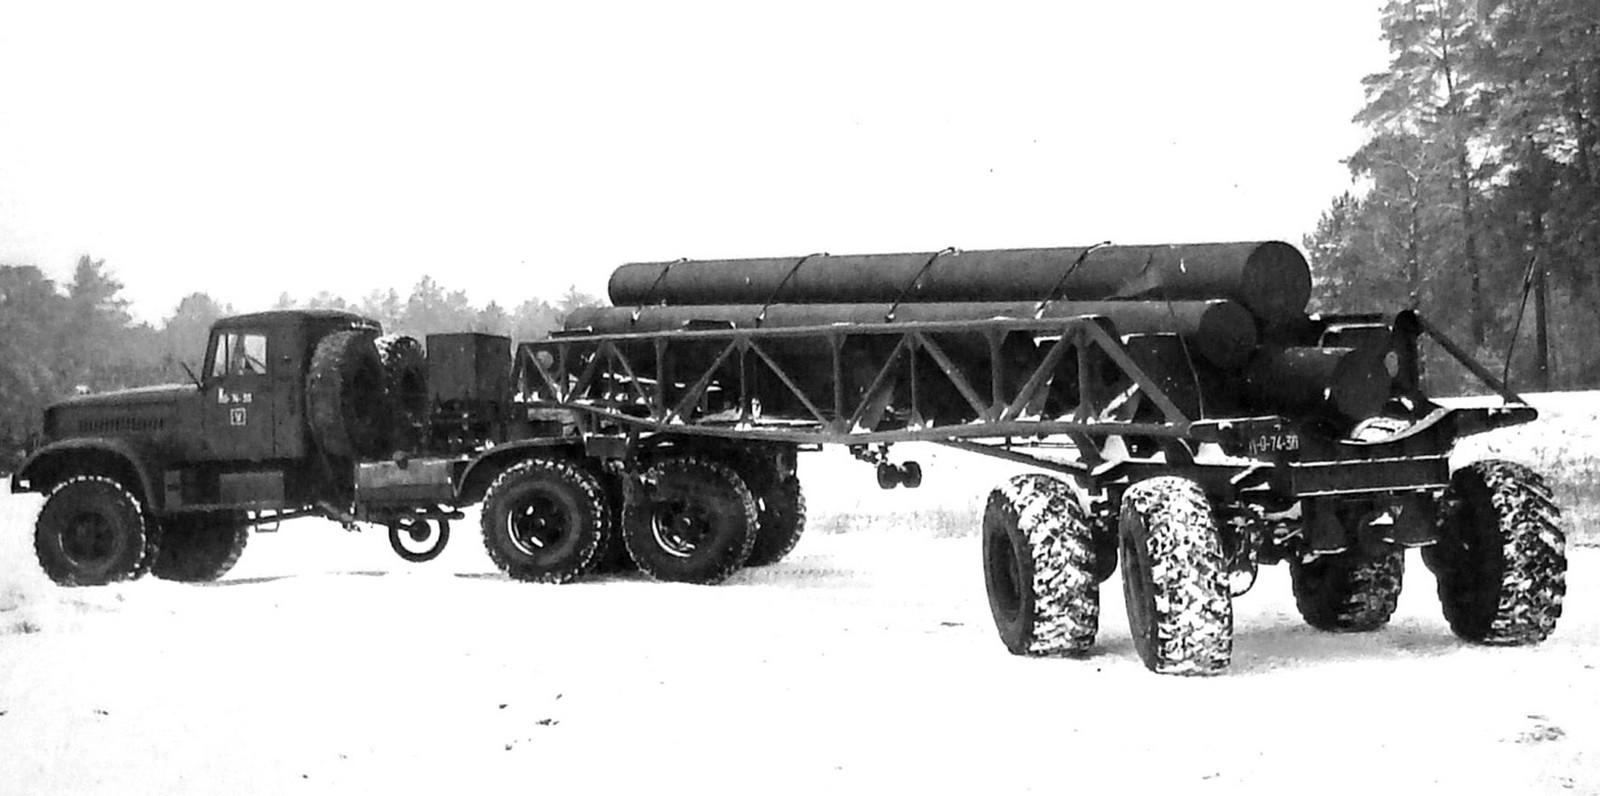 Полуприцеп со всеми управляемыми колесами с седельным тягачом на шасси ЯАЗ-214 (из архива НИИЦ АТ)